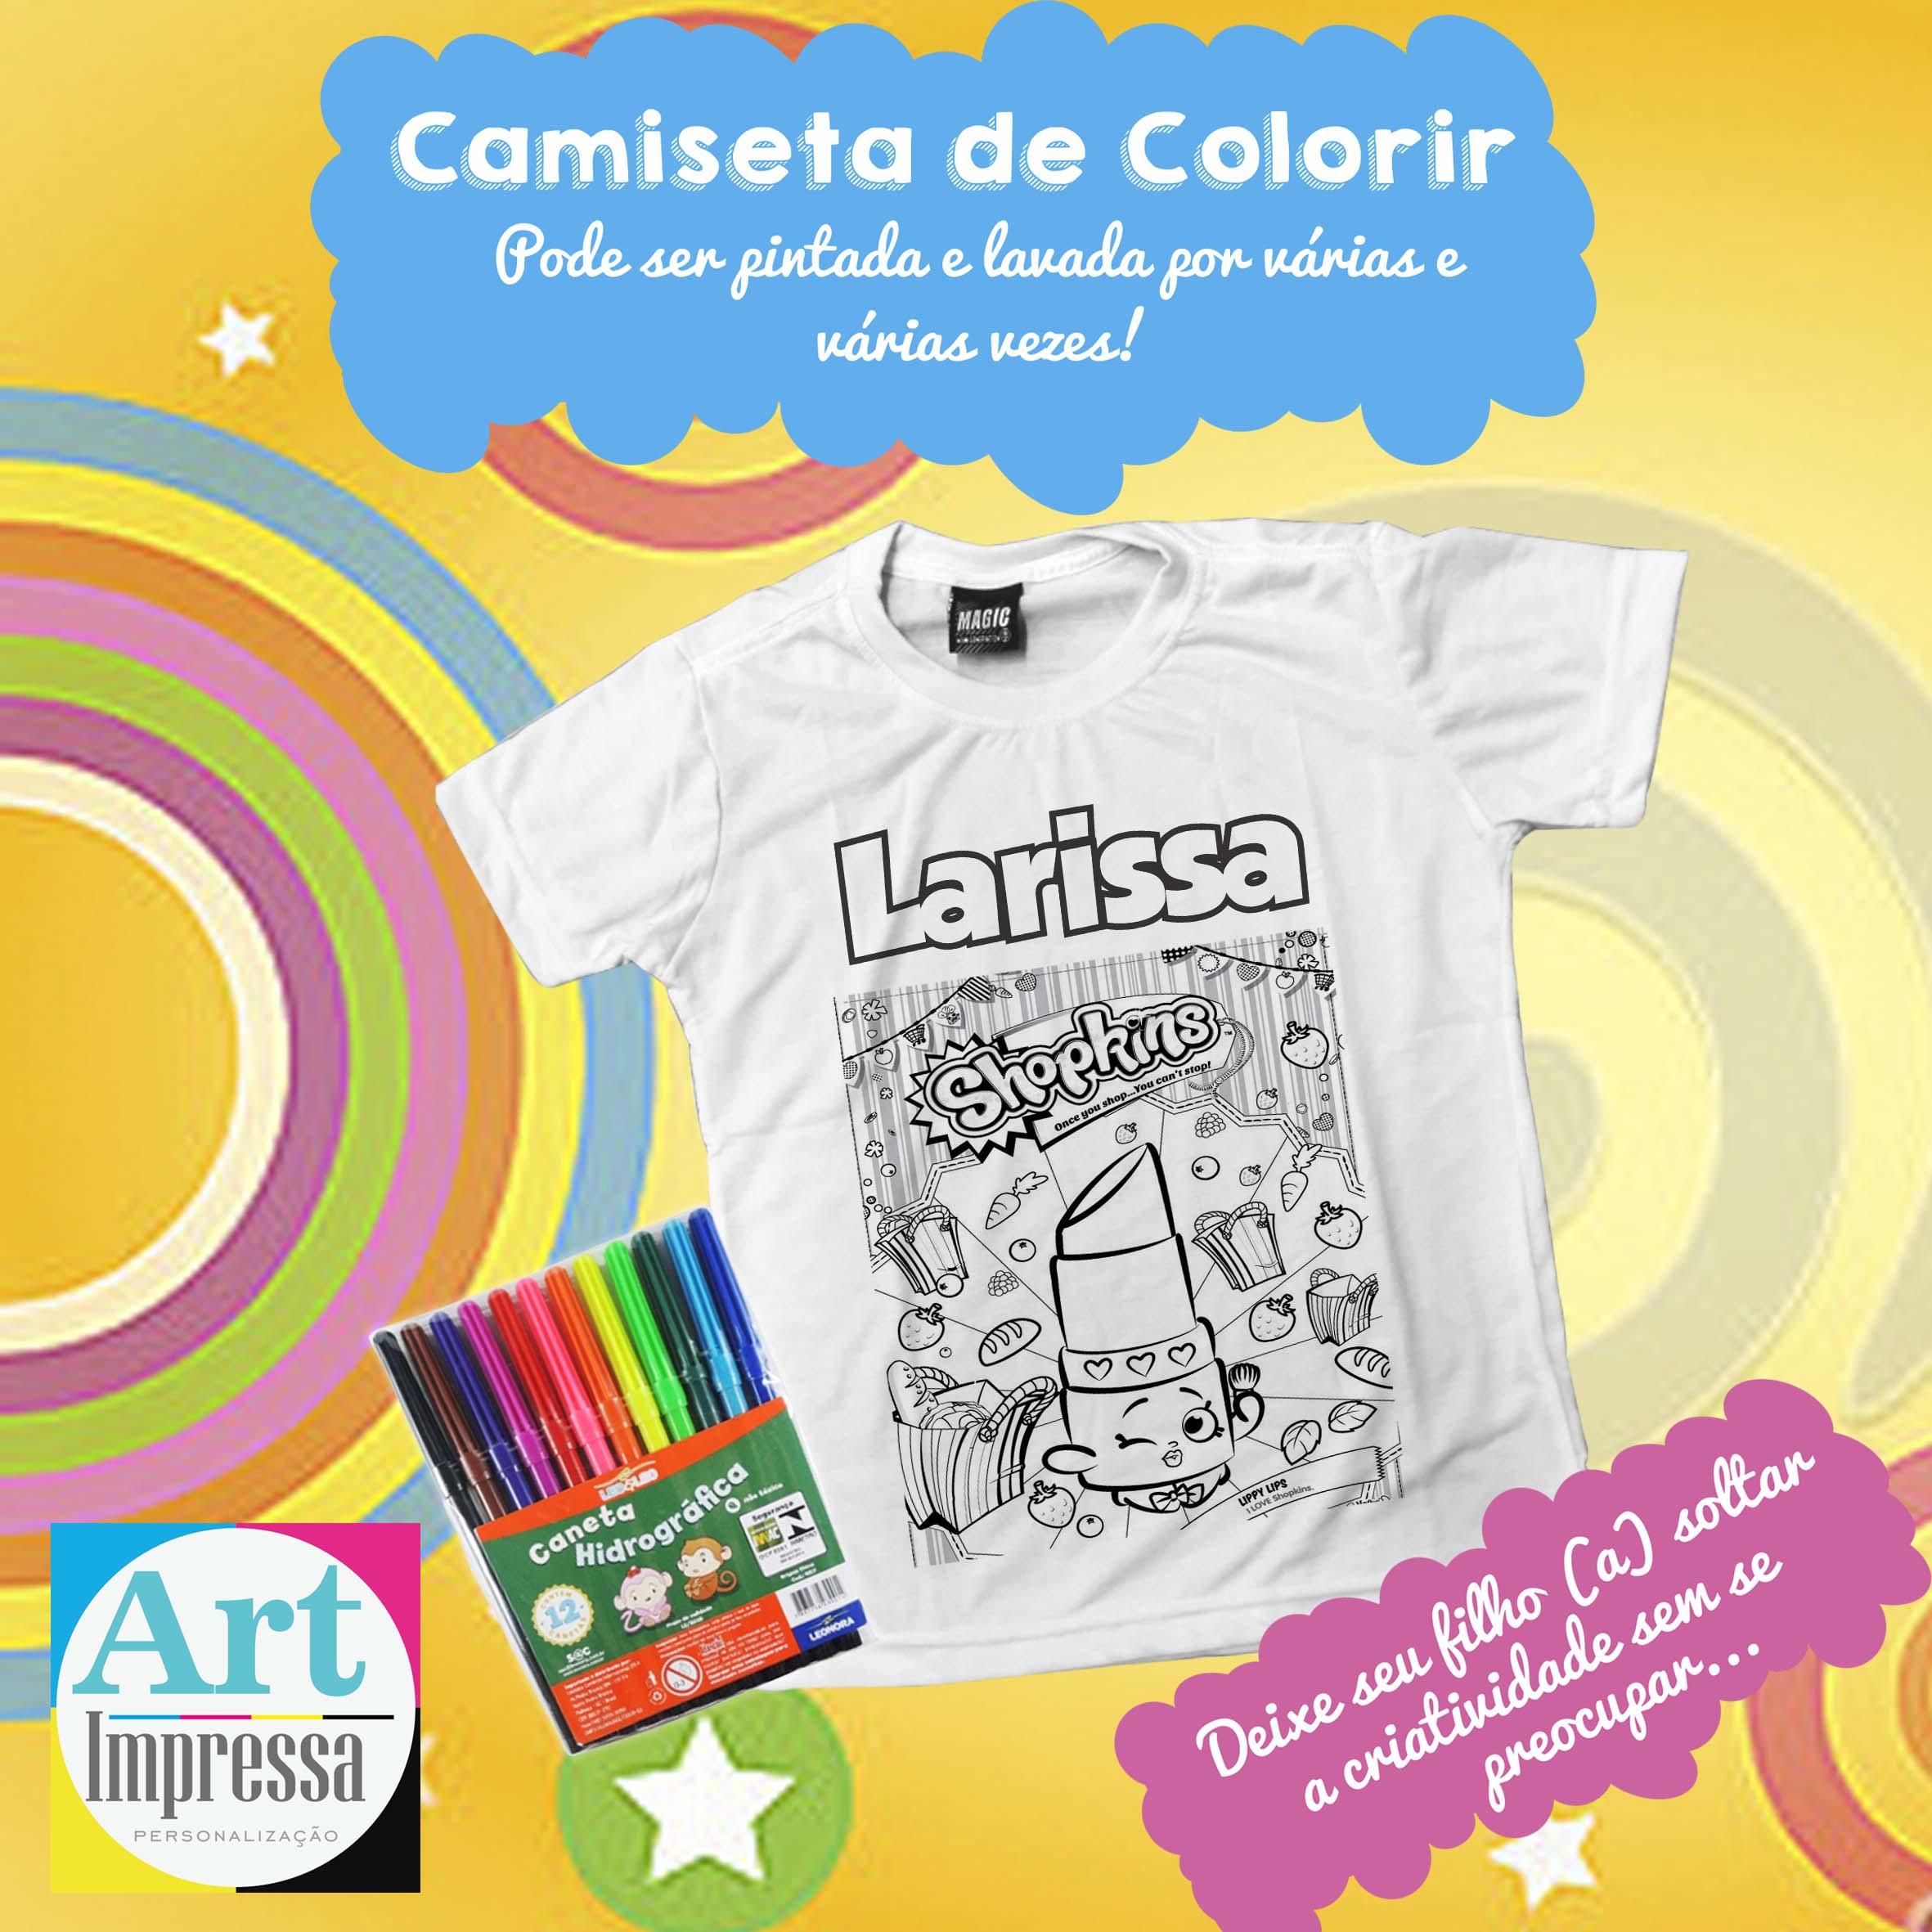 Camiseta De Colorir Shopkins No Elo7 Art Impressa Personalizacao